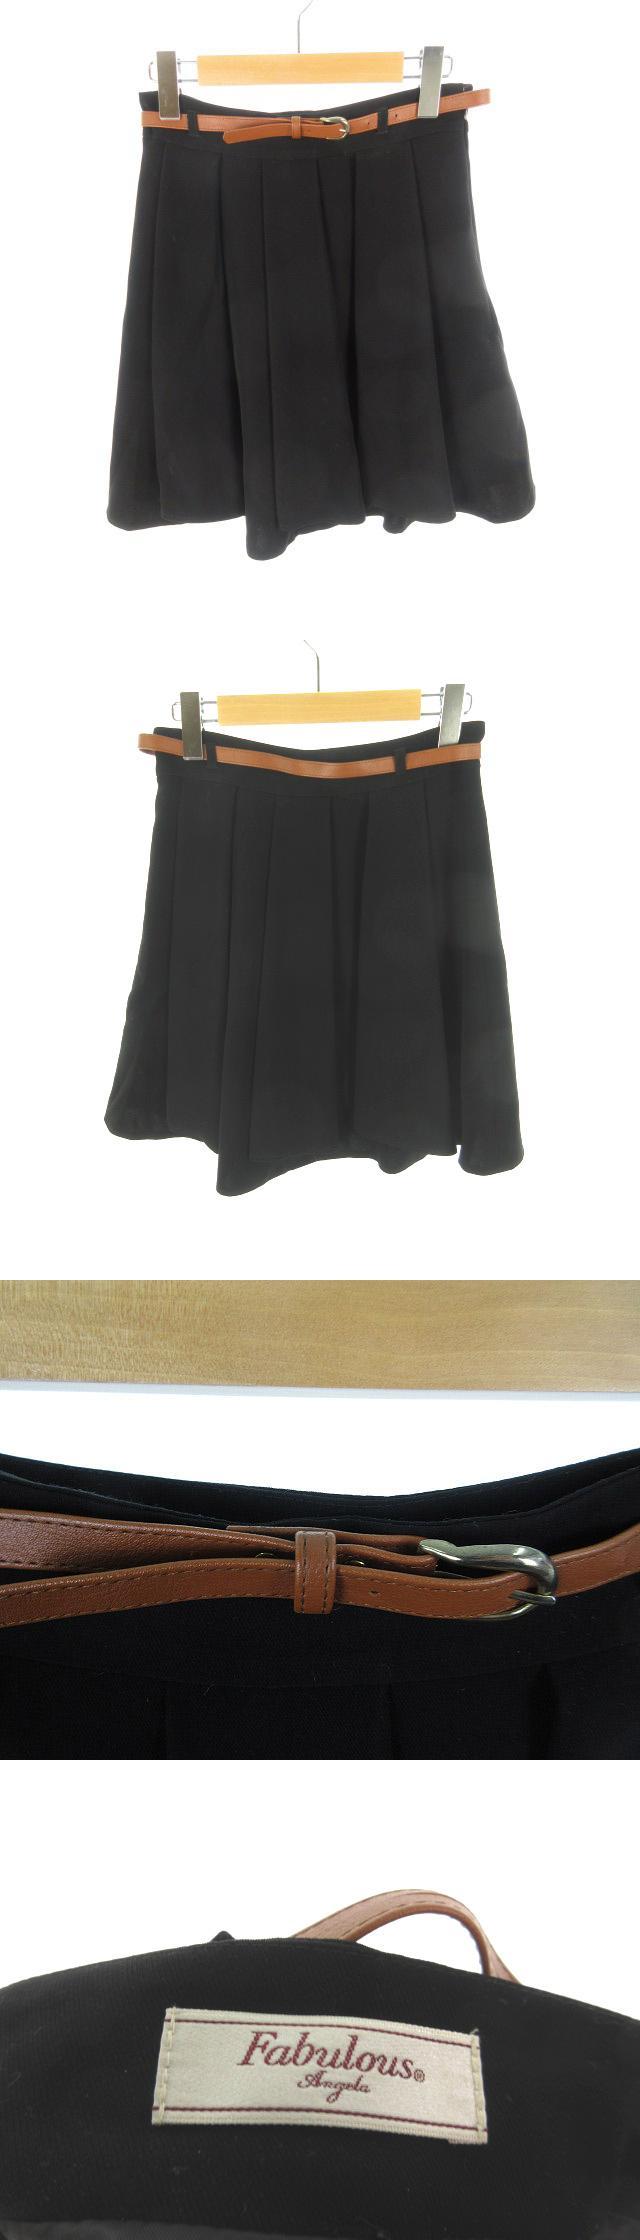 ひざ丈 スカート フレアー ギャザー ベルト 無地 黒 ブラック M 美品